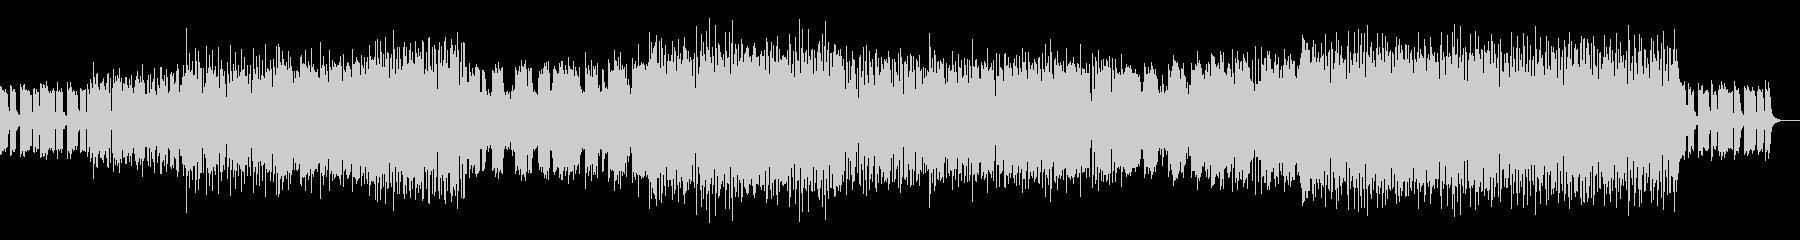 ハウスミュージック2の未再生の波形